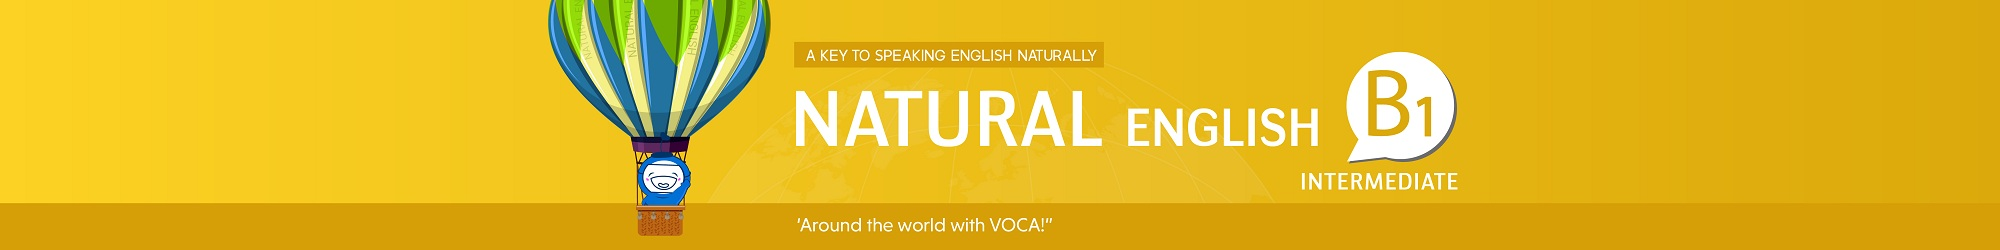 NATURAL ENGLISH B1